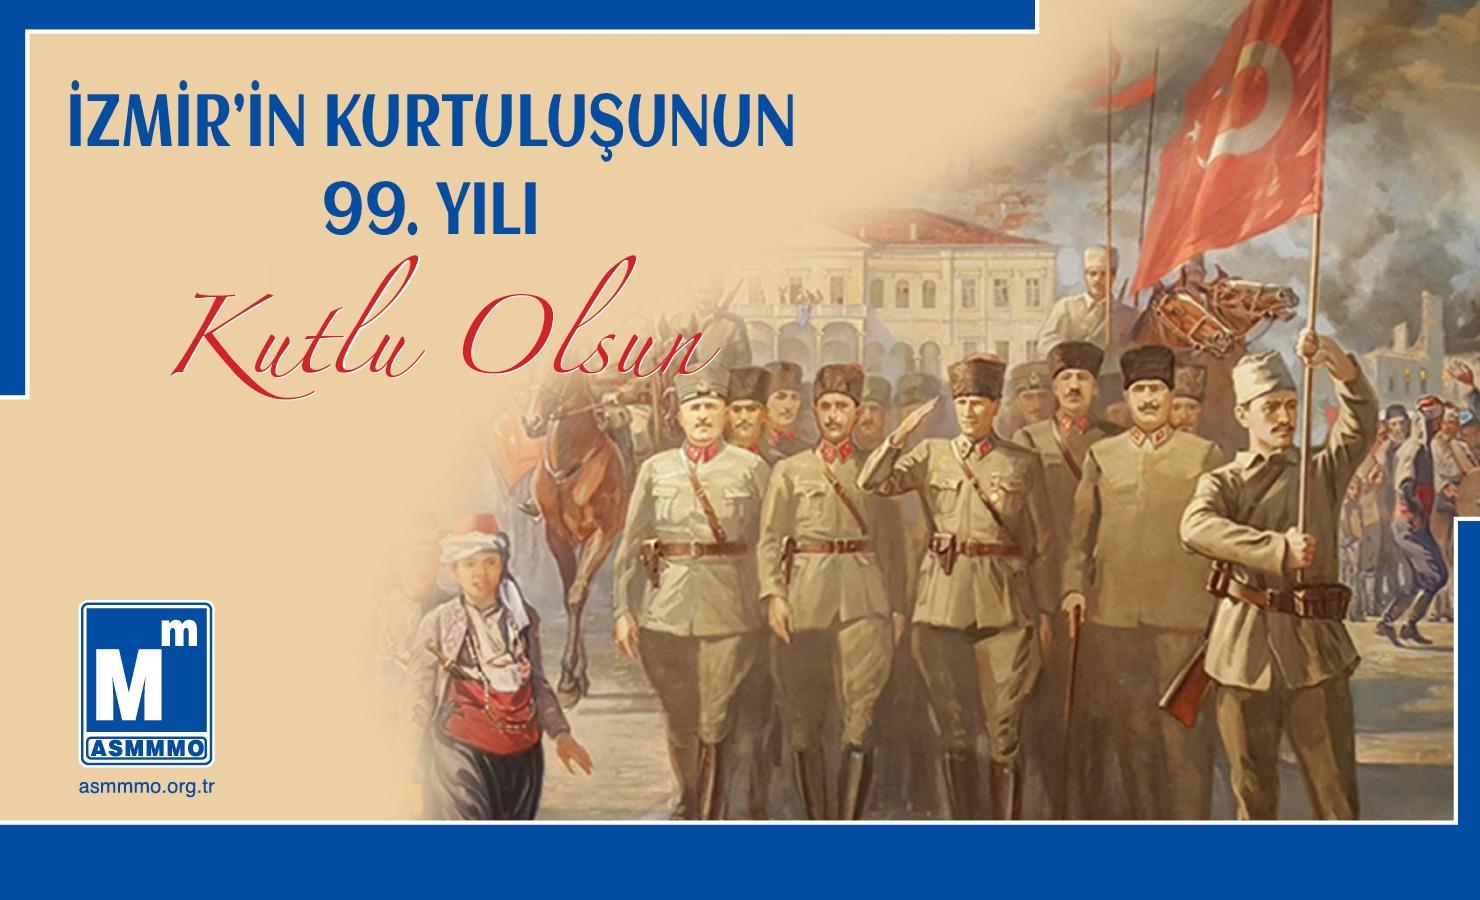 İzmir'in Kurtuluşunun 99. Yılı Kutlu Olsun.